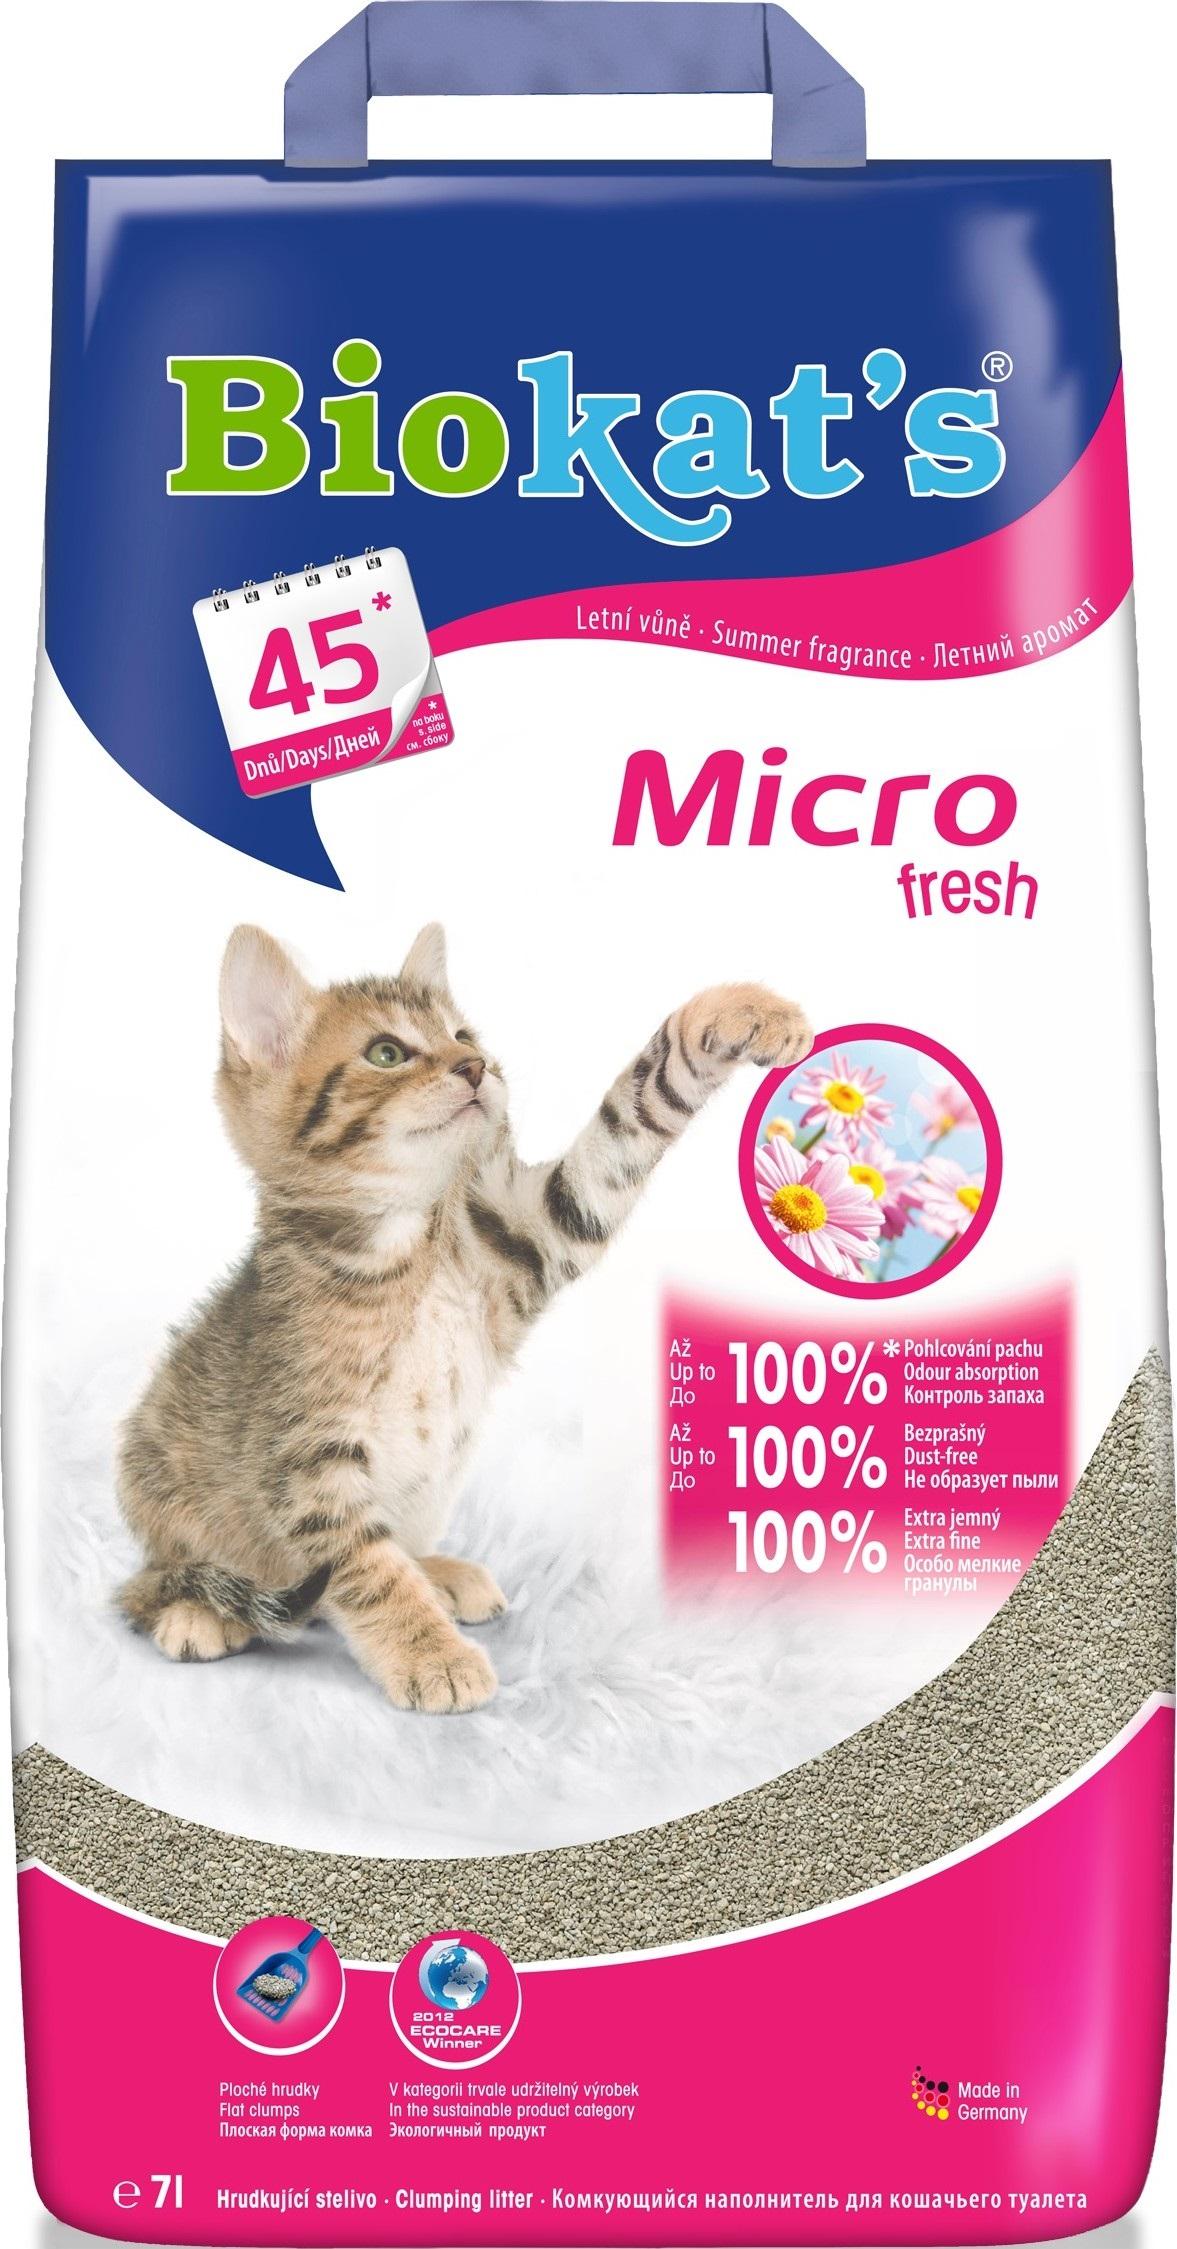 Fotografie Biokats Micro Fresh stelivo pro kočky 100% jemný přírodní jíl 7 l